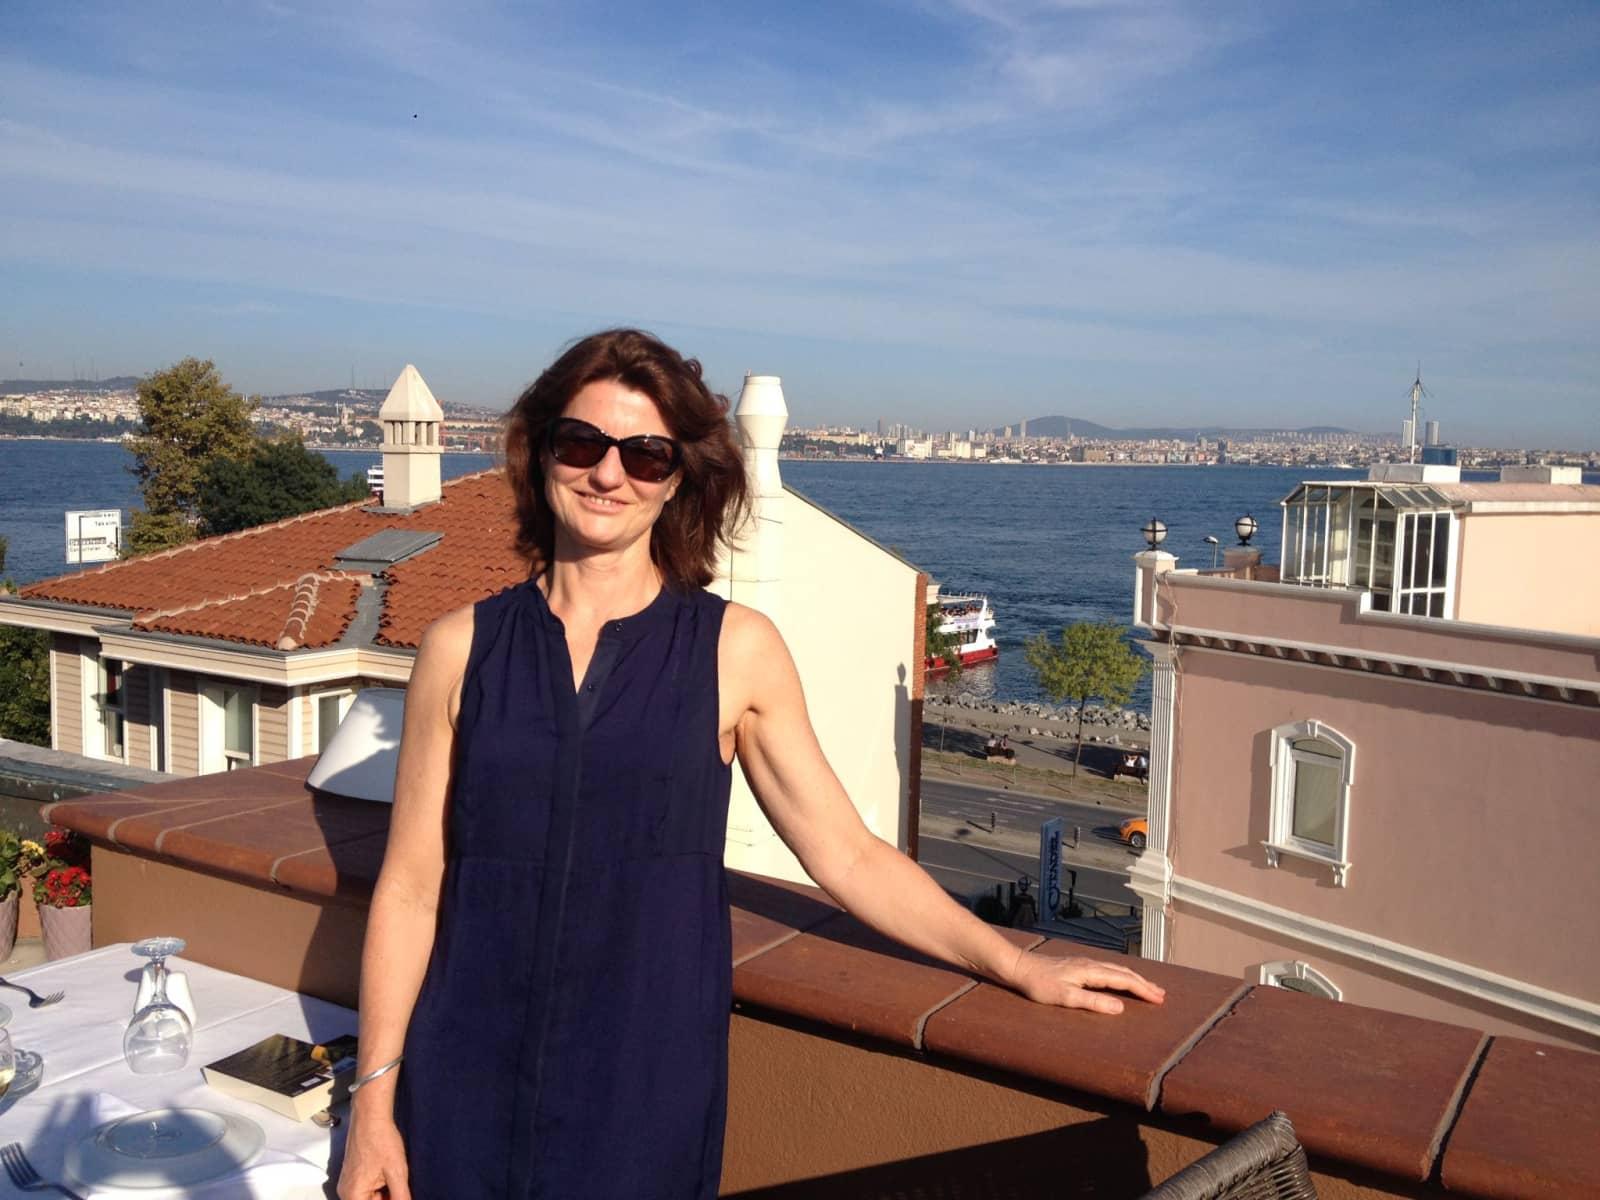 Patricia from Doha, Qatar